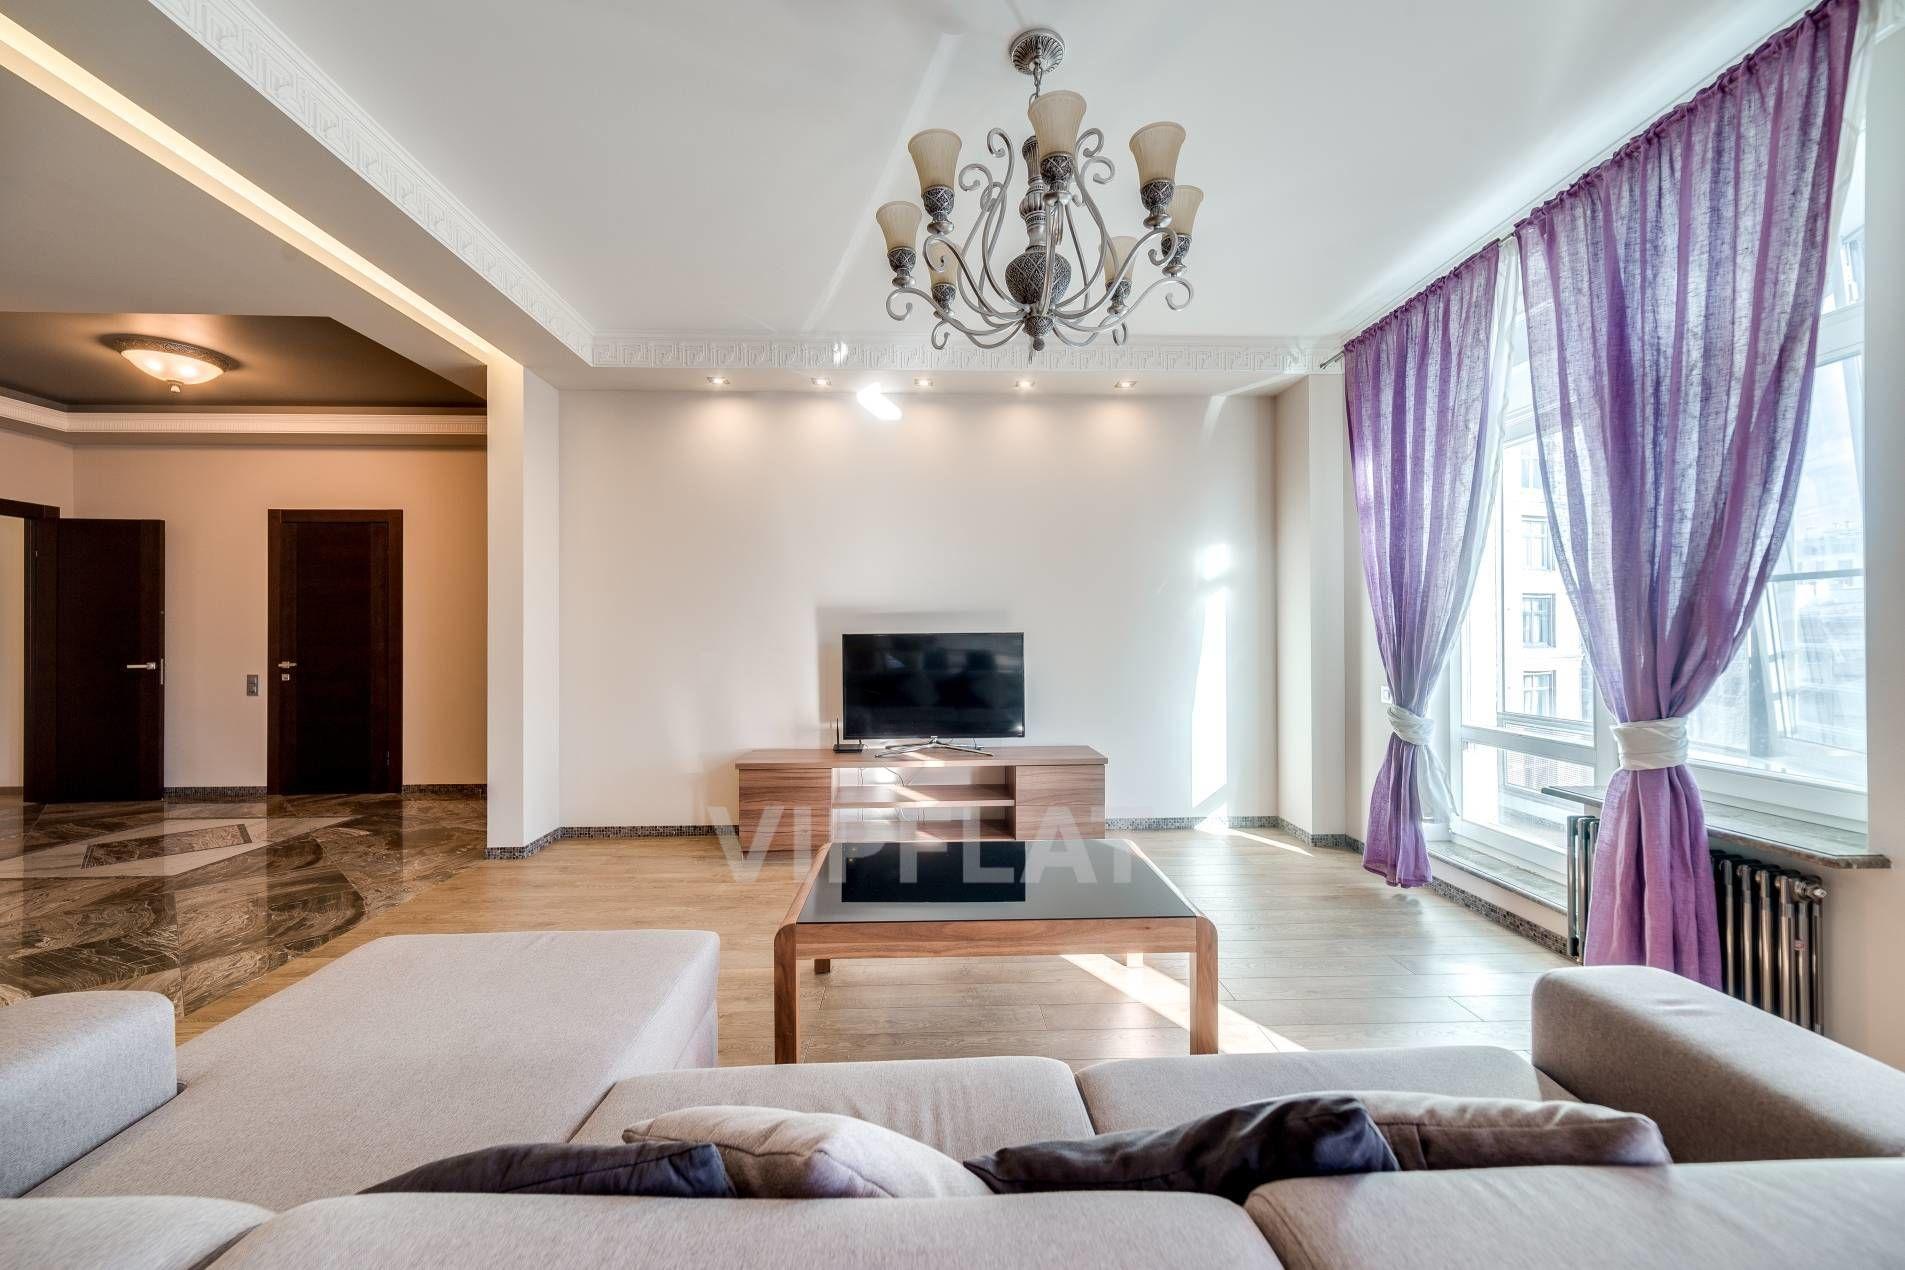 Продажа элитных квартир Санкт-Петербурга. Кирочная улица, 64 Интерьер гостиной